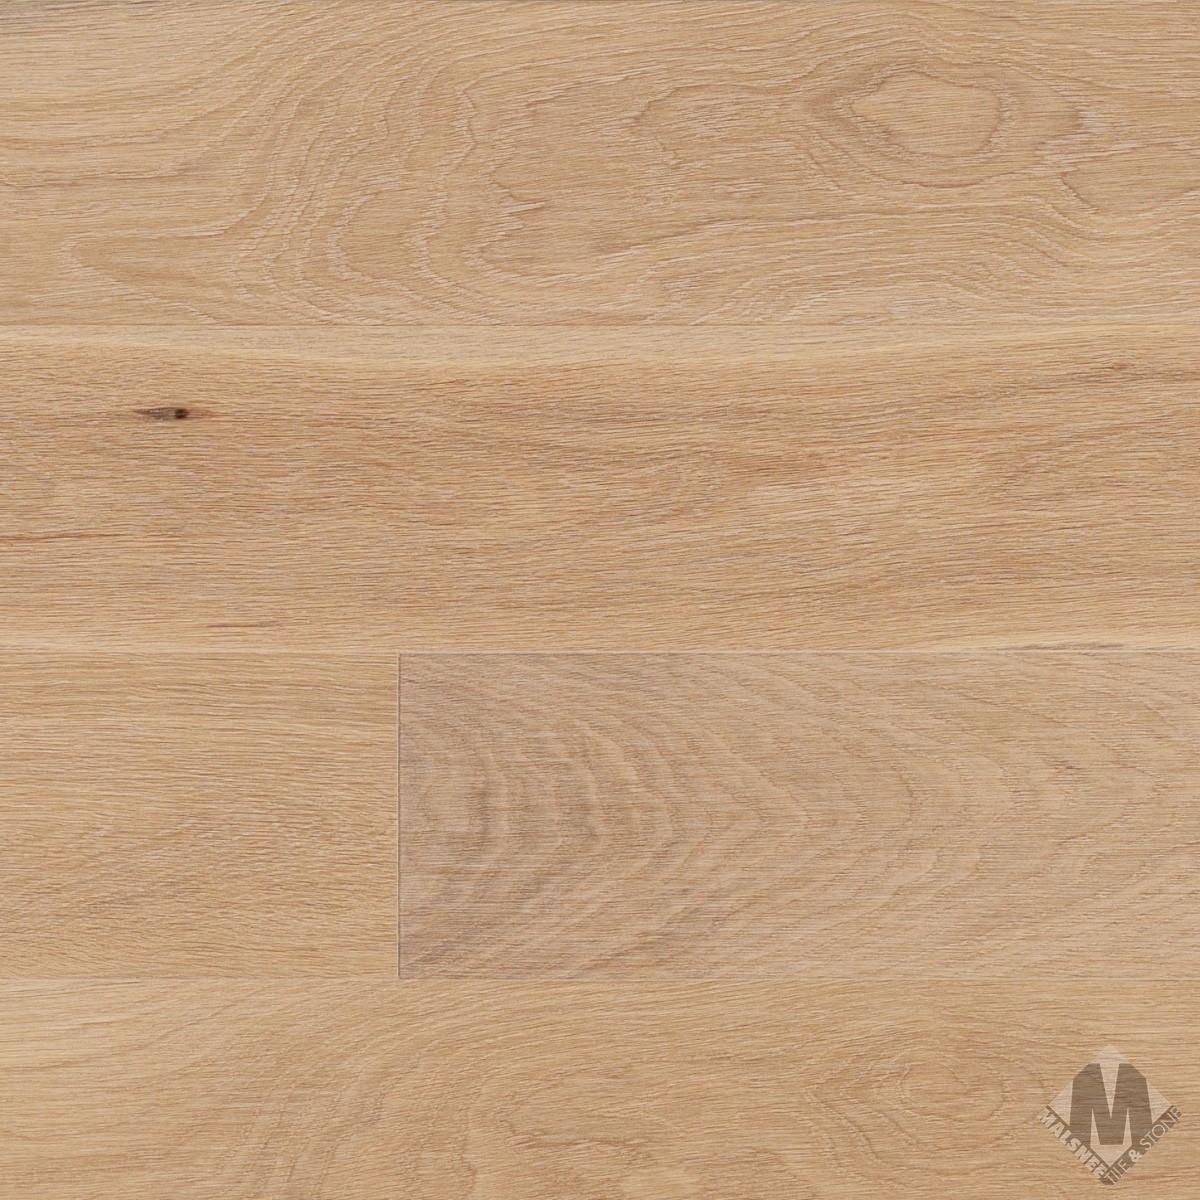 hardwood-flooring-white-oak-isla-exclusive-brushed-2